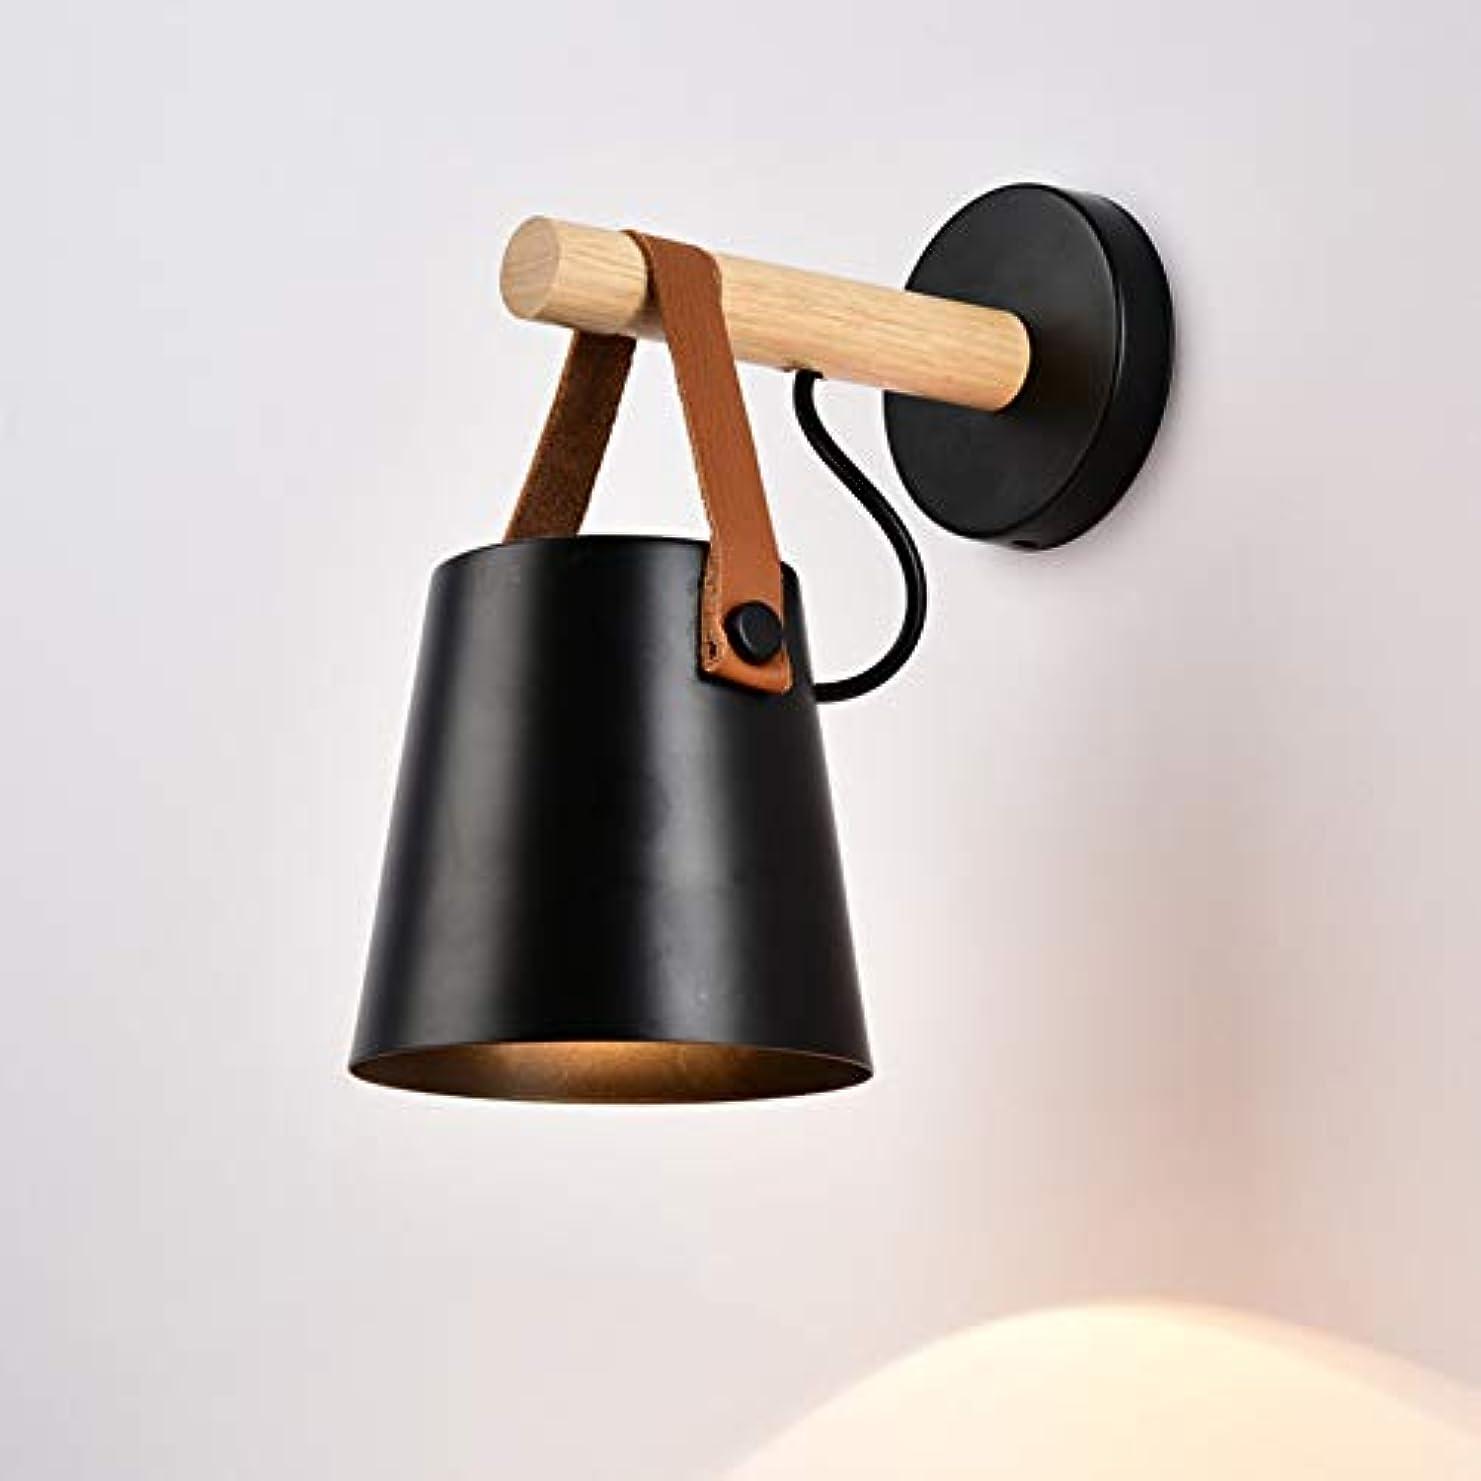 コックマイクロハードwall lamp 壁灯、 ベルト ウッドアート Led リビングルーム 寝室 ベッドサイド イルミネーション ウォールランプ1、 調査 バルコニー 読む 壁灯 ランプ 金属製ランプシェード/黒 / 22x26cm